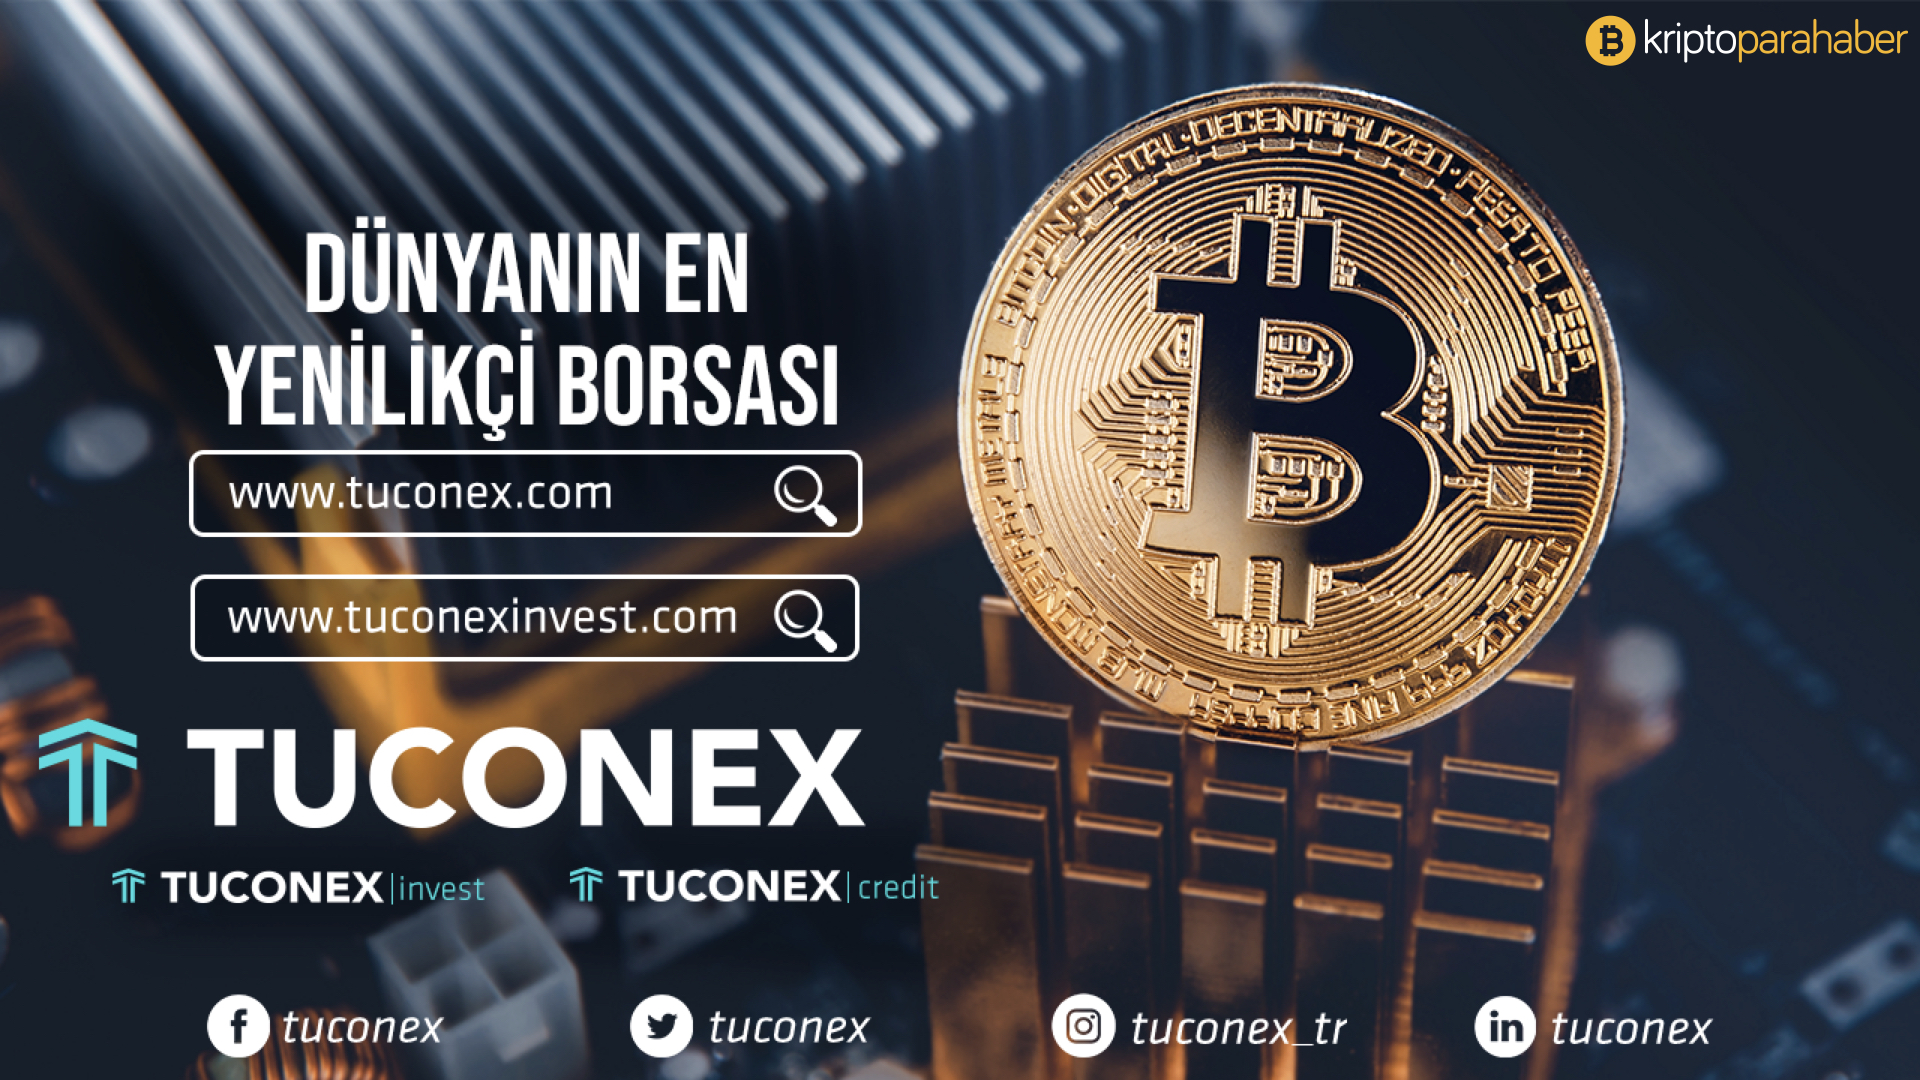 Tuconex